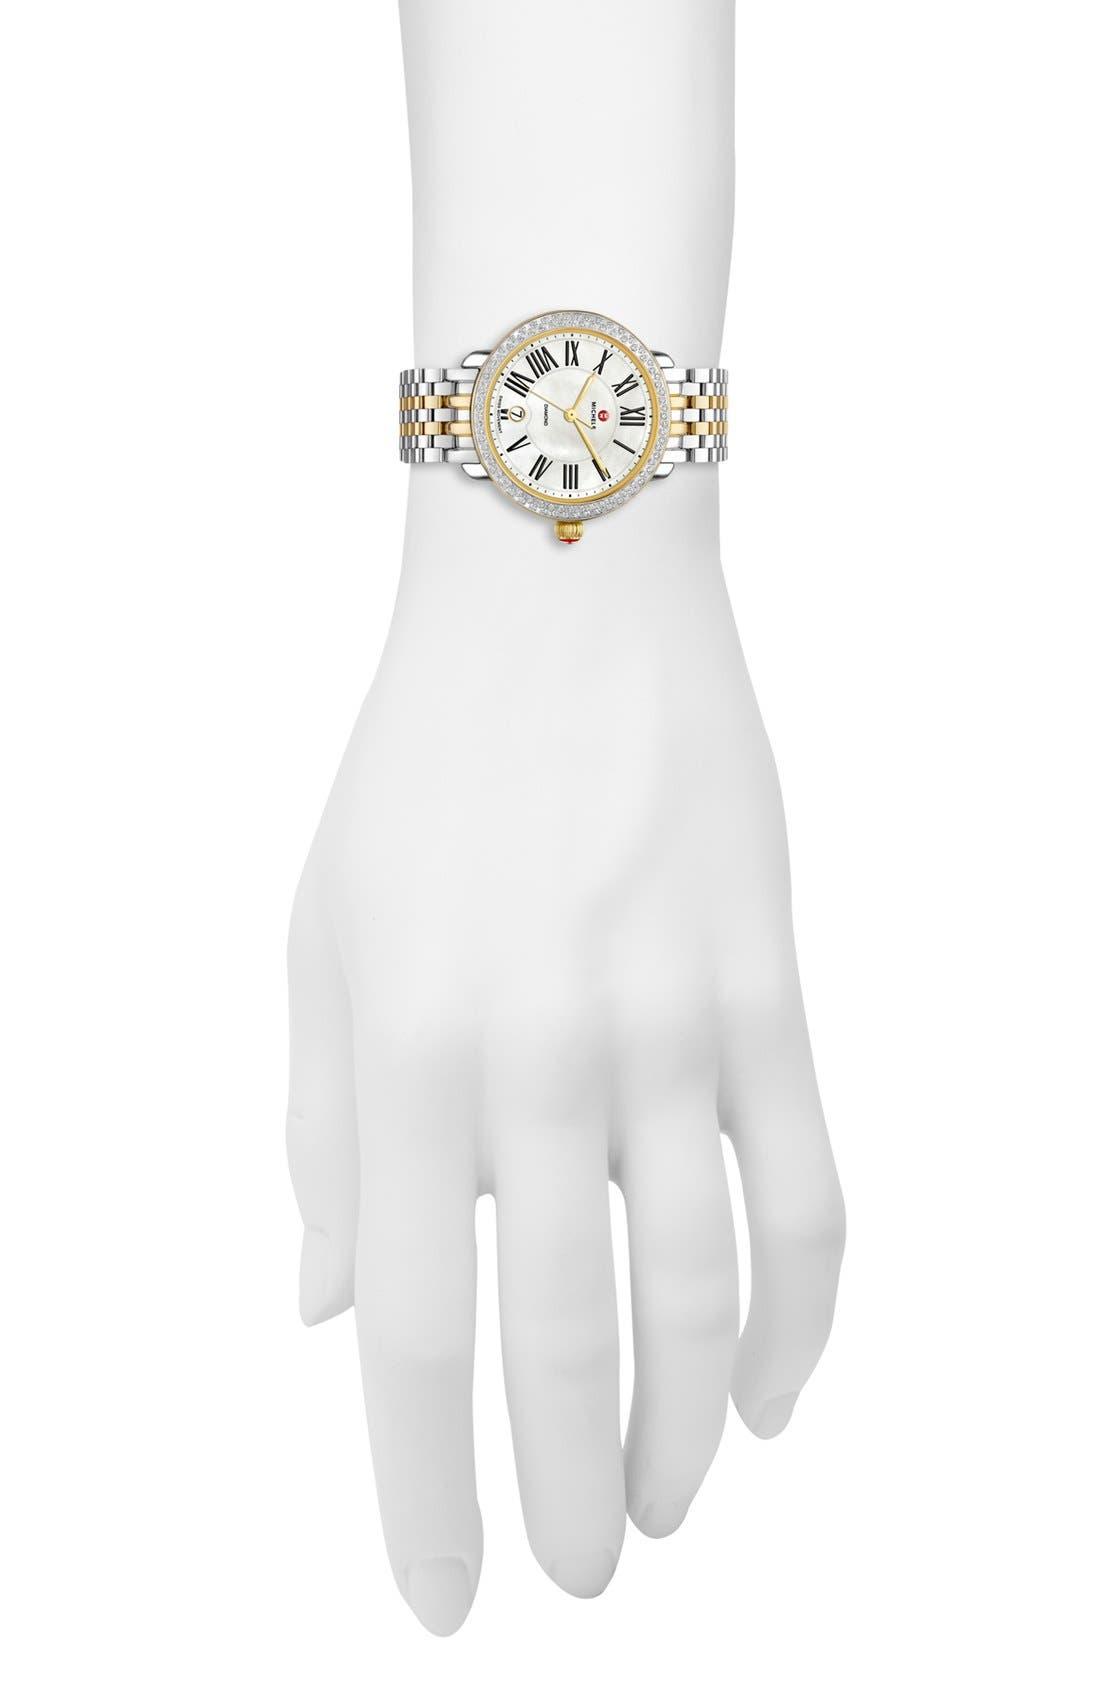 Alternate Image 2  - MICHELE Serein 16 Diamond Watch Case, 34mm x 36mm